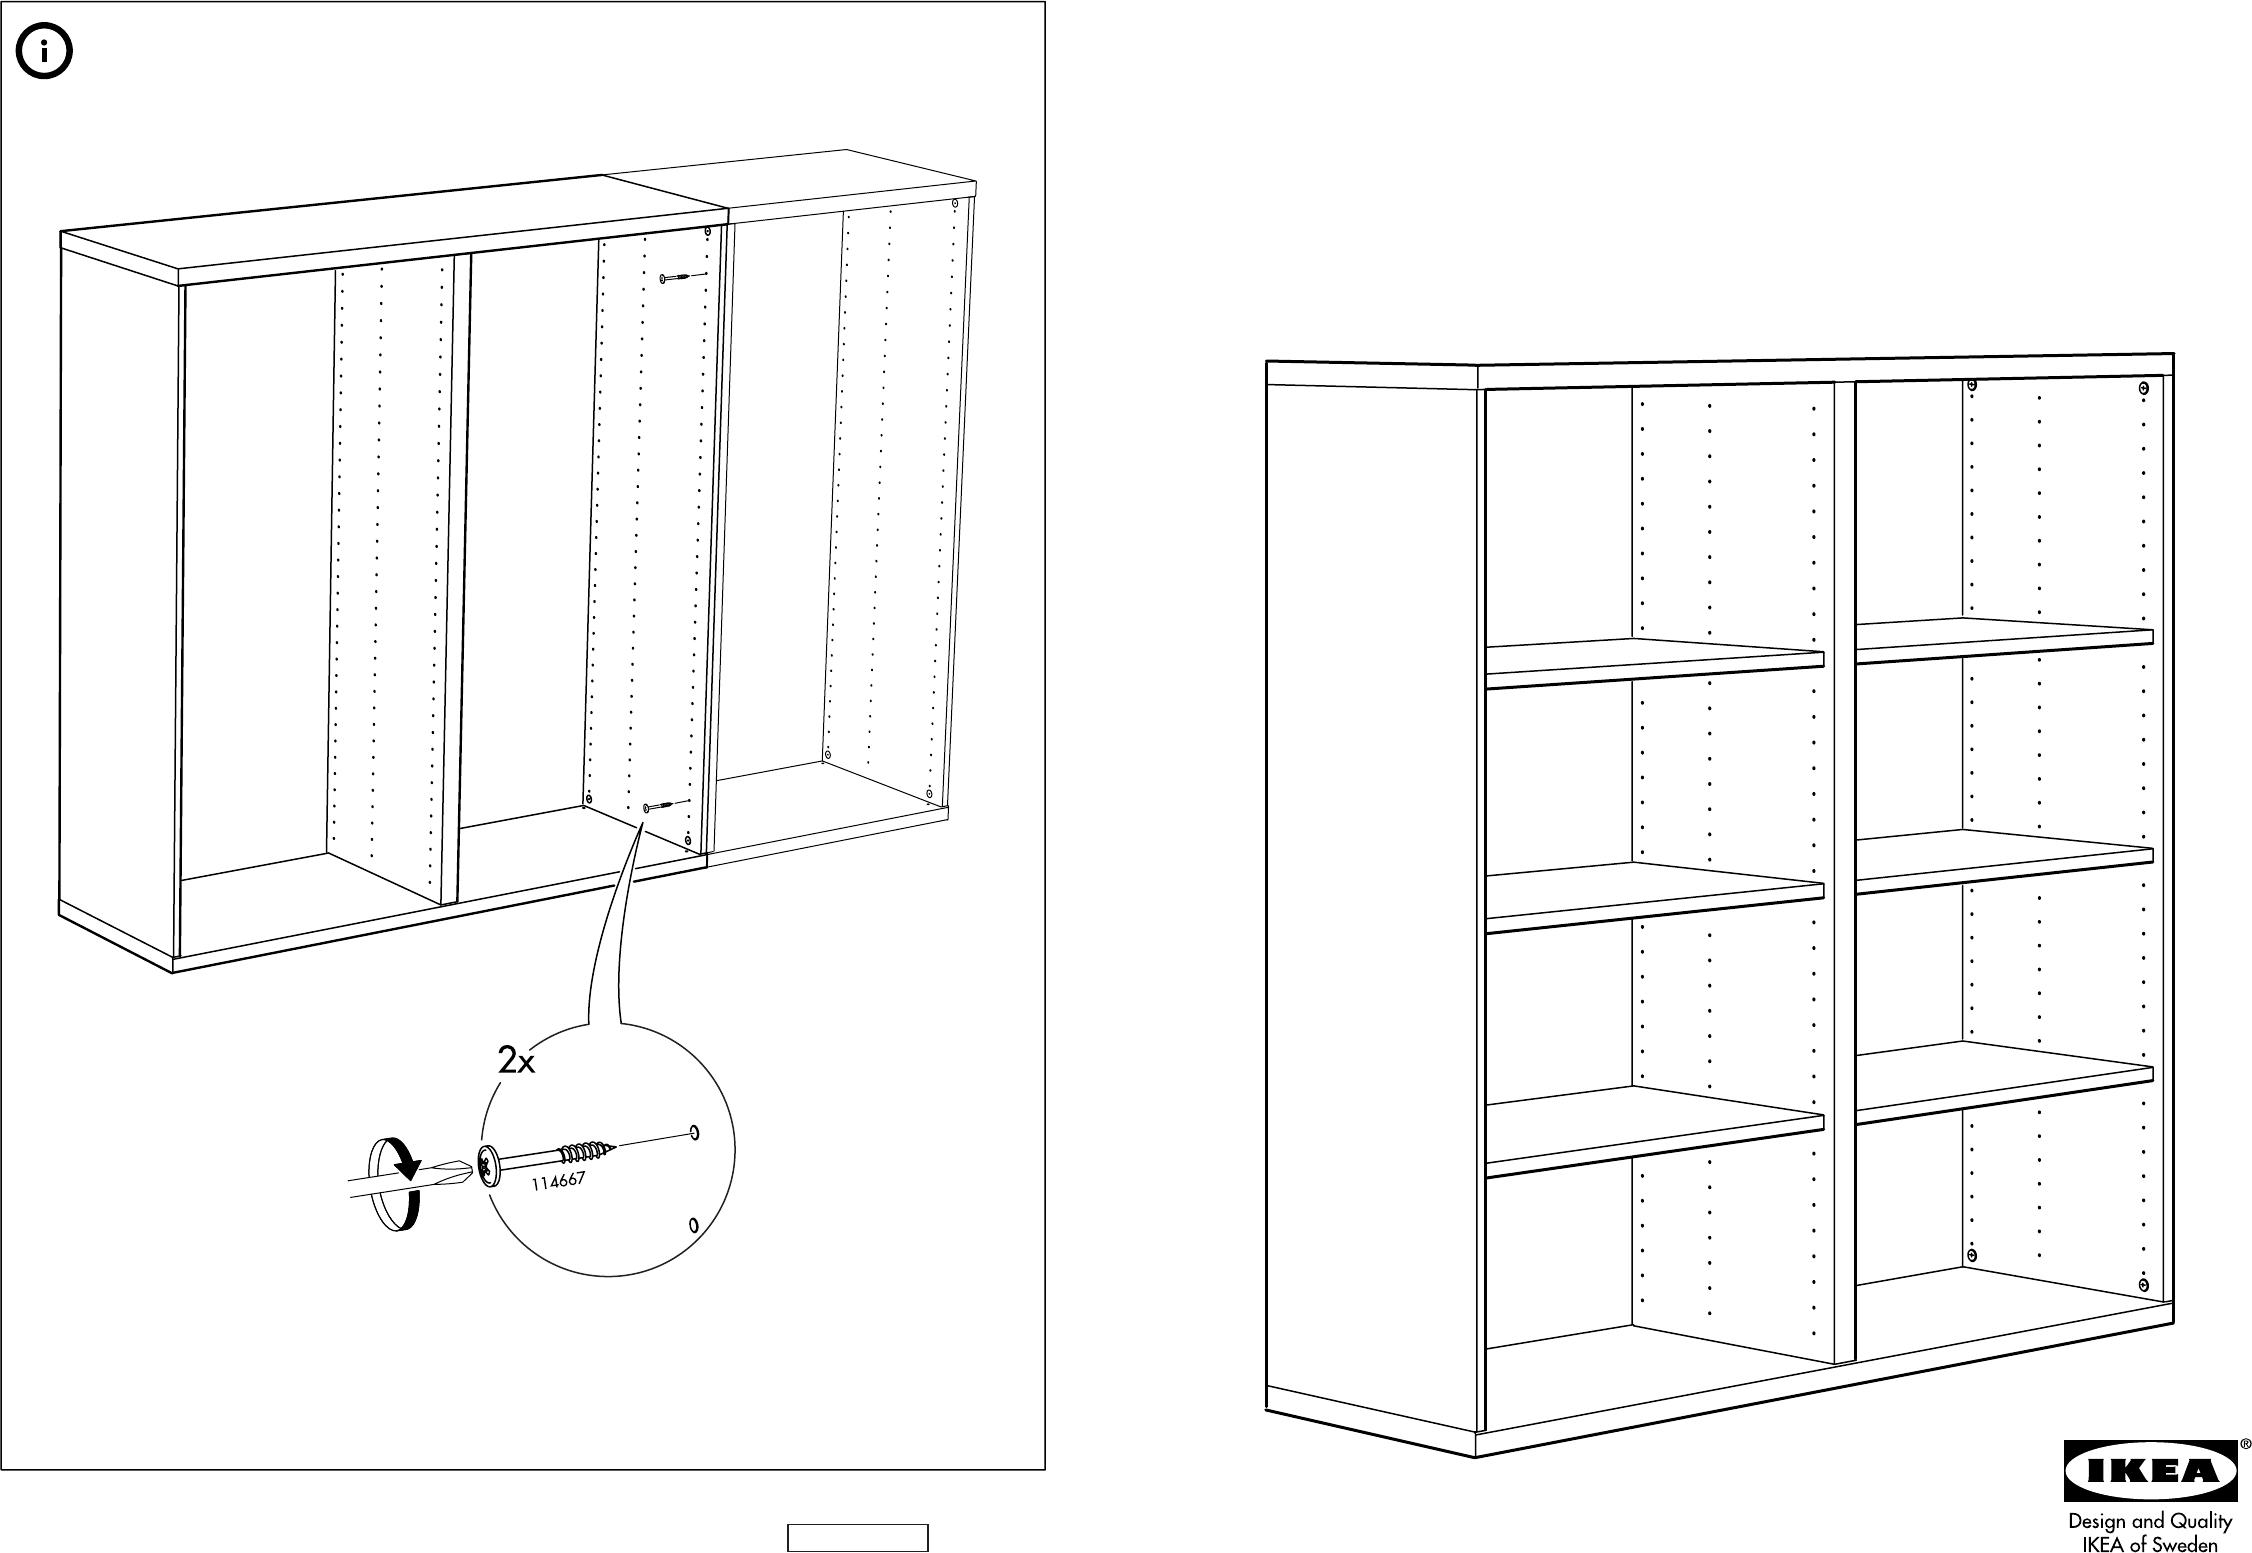 Handleiding Ikea Besta Kast Pagina 1 Van 10 Dansk